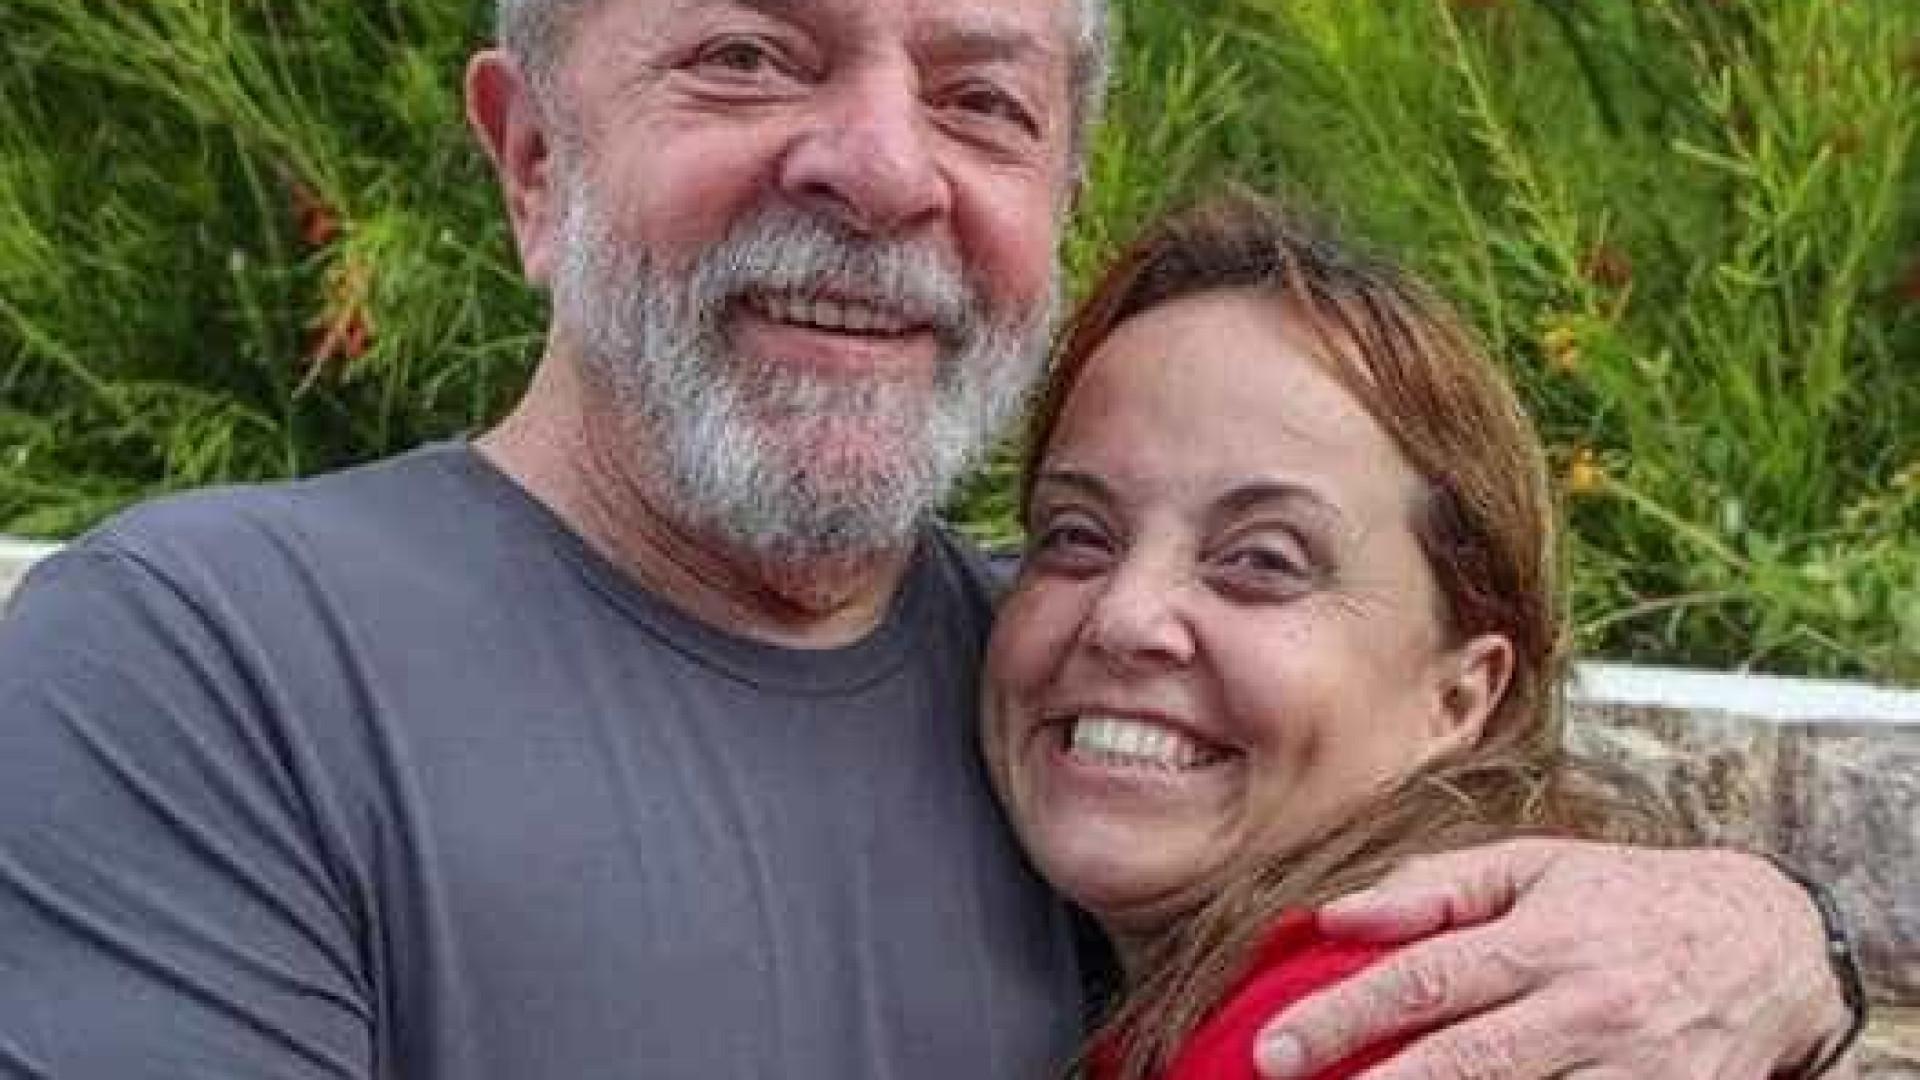 Sempre acham que a gente é rico, diz filha de Lula